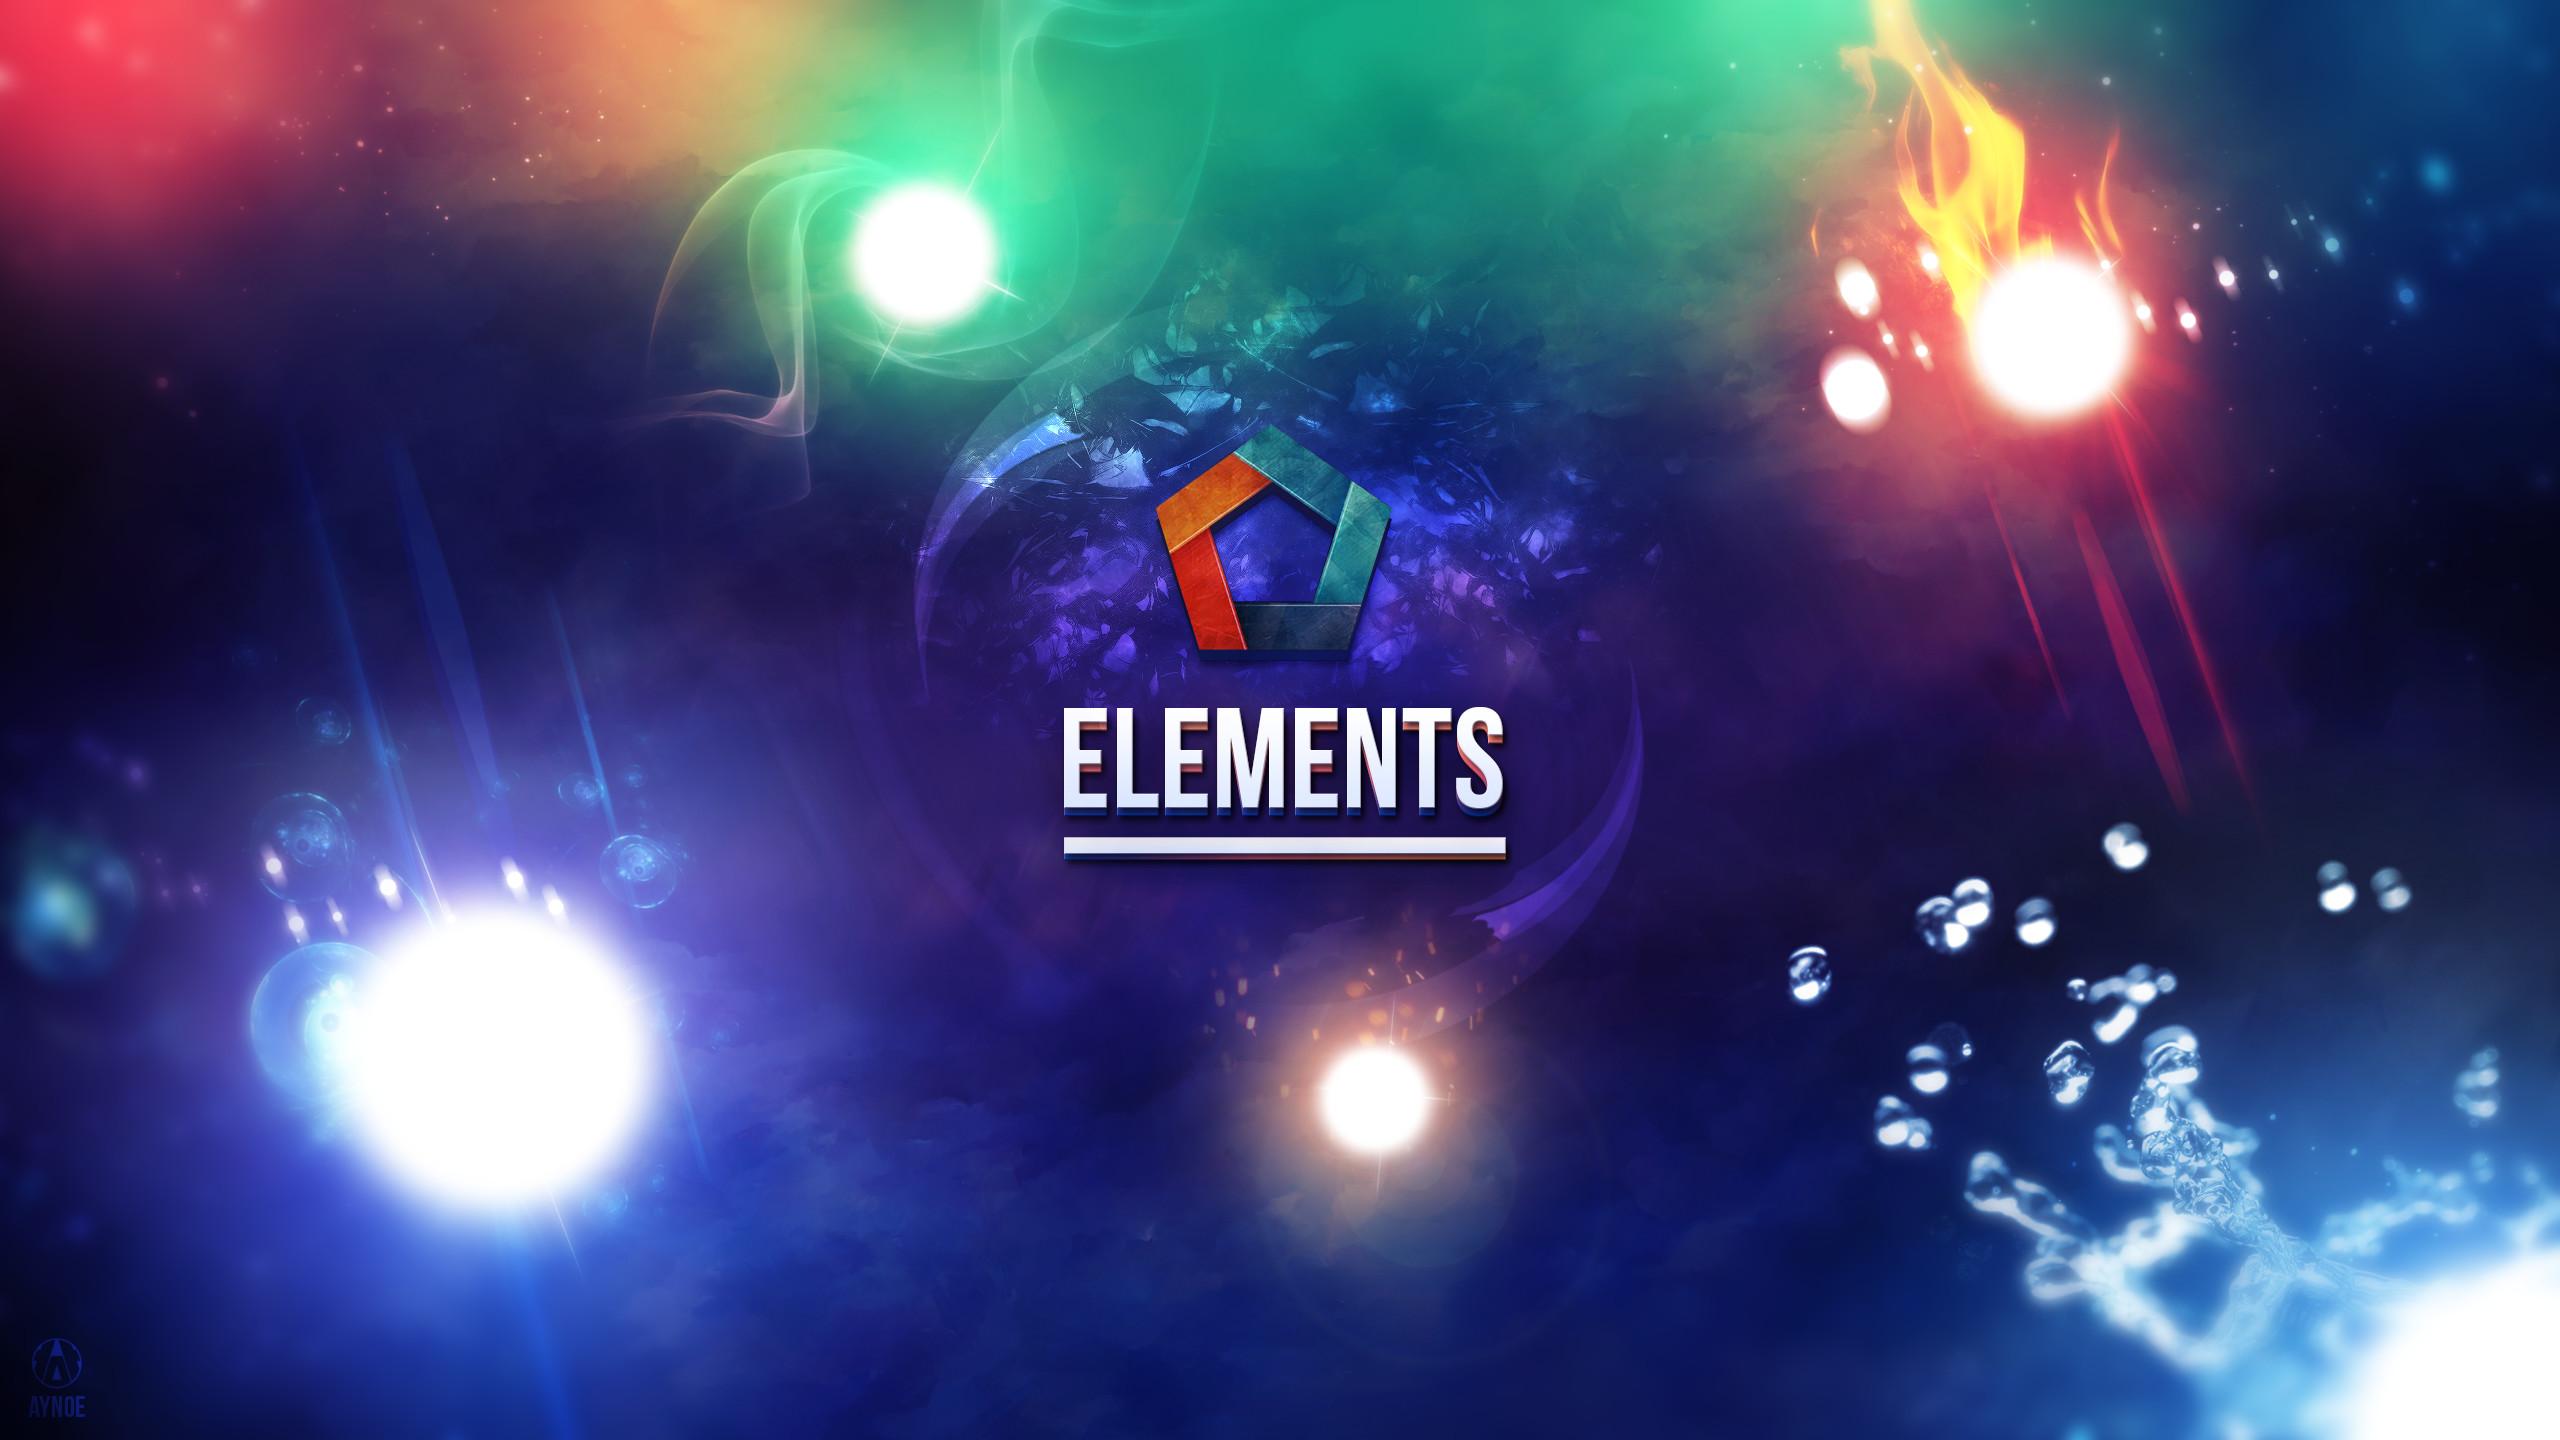 … Elements Wallpaper Logo – League of Legends by Aynoe